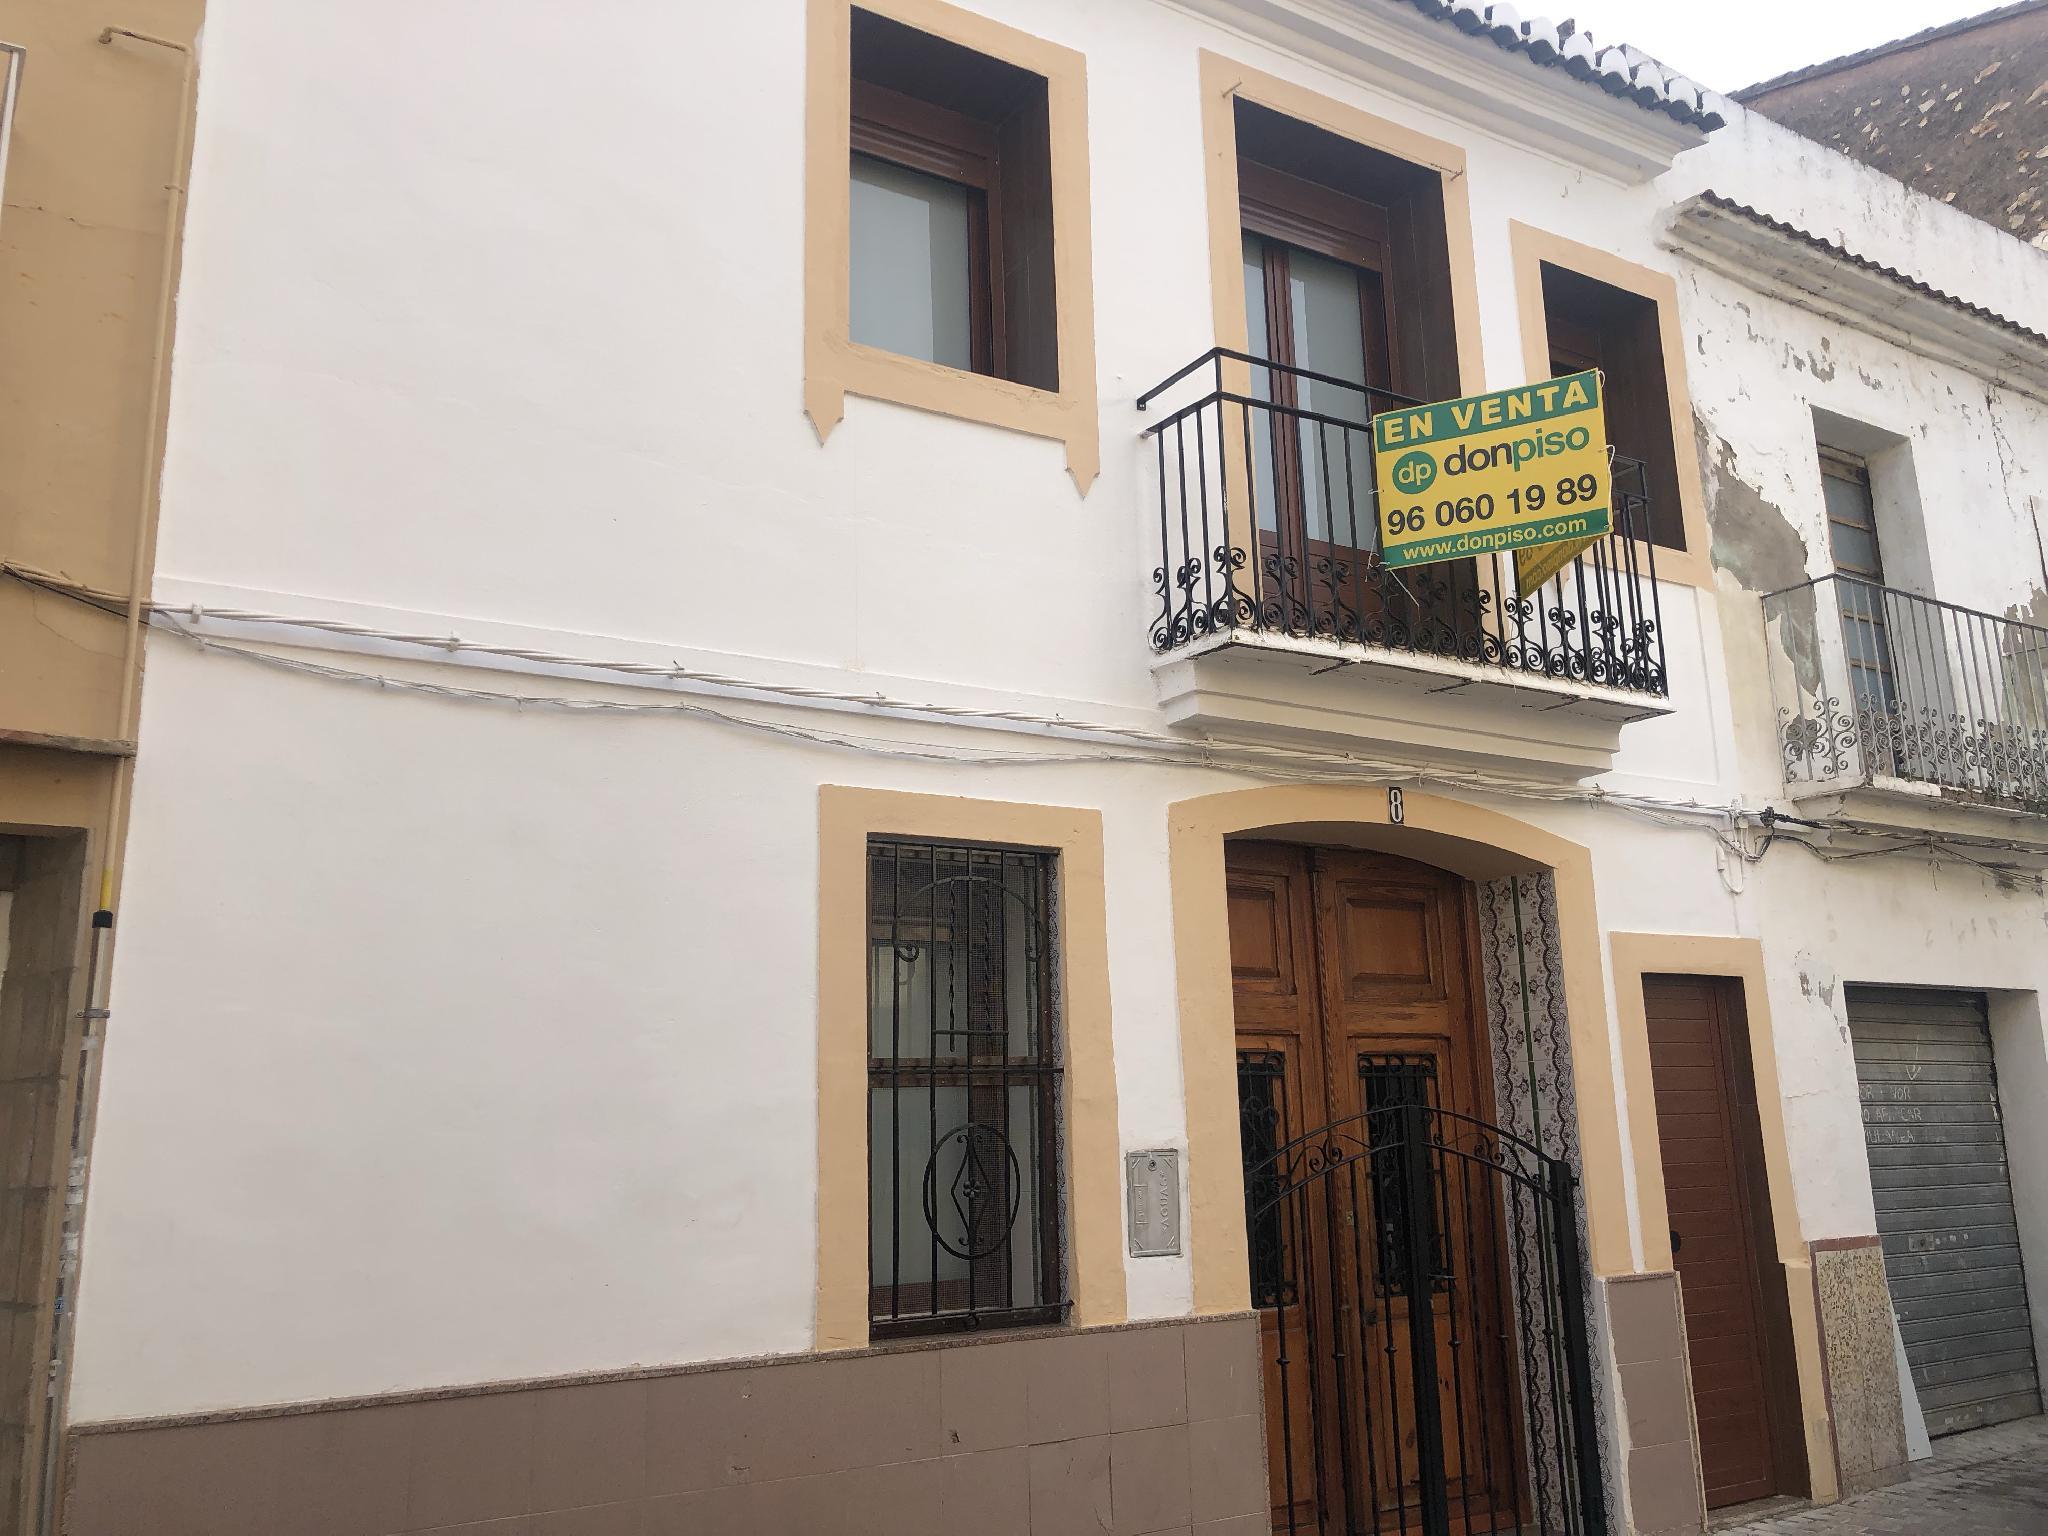 211018 - Junto a la Alameda y Plaza San Roque.